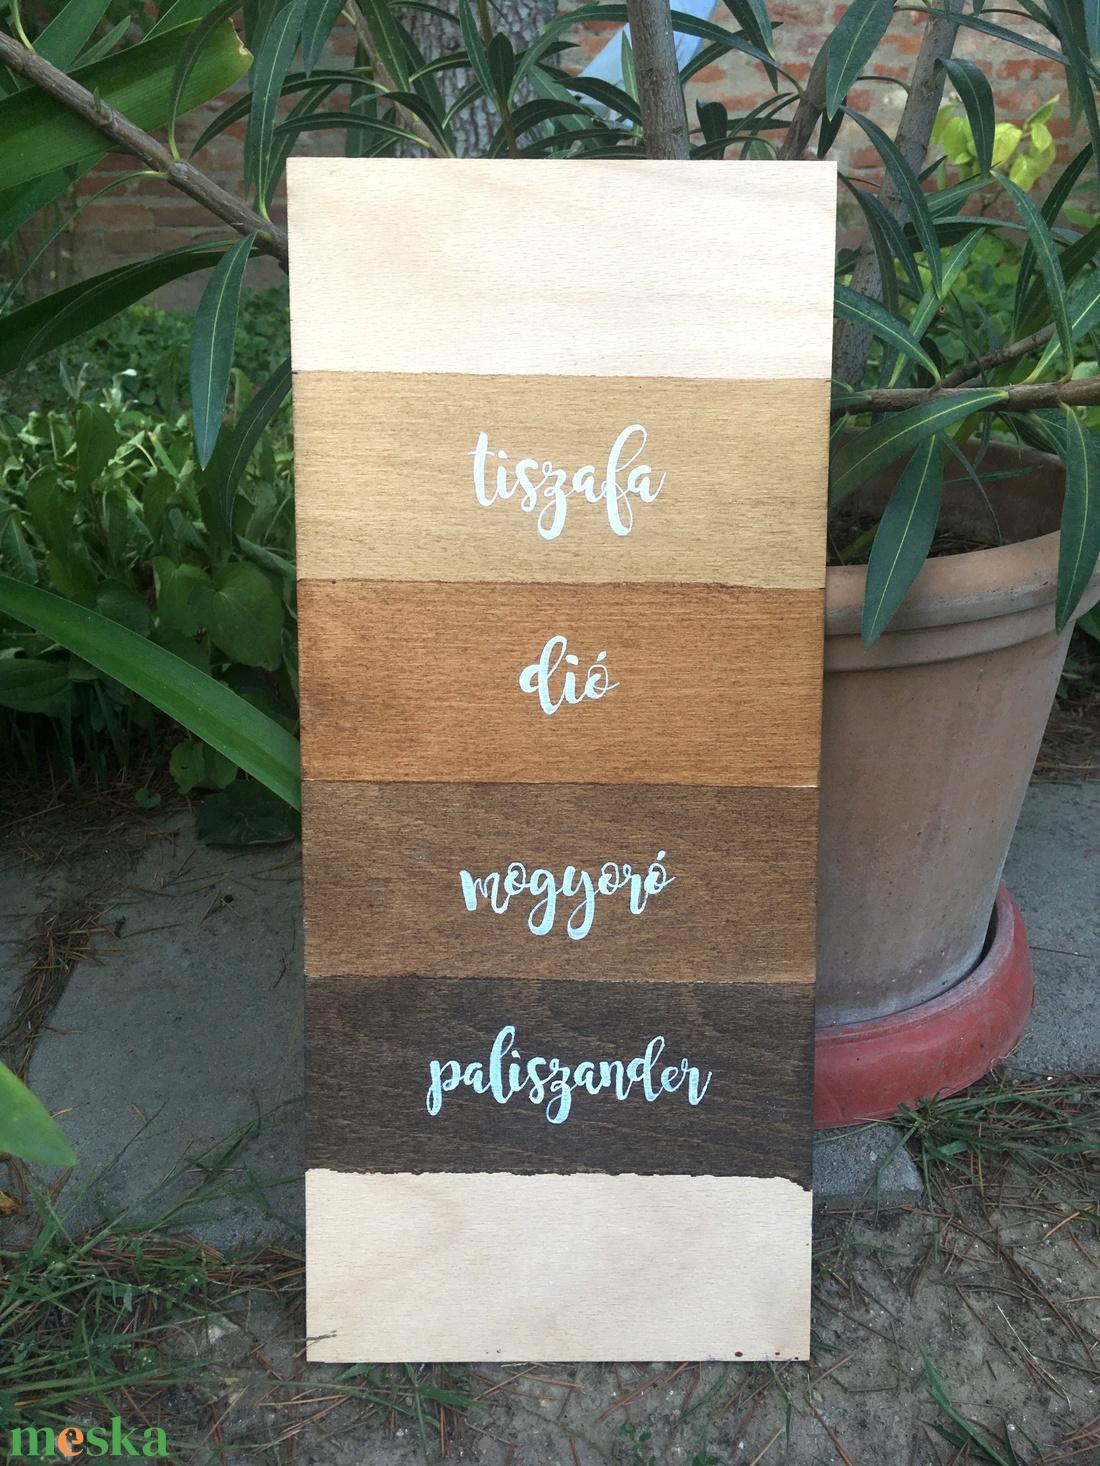 Jegyesfotózás, dátum tábla, # tábla, fotó tábla, idézet, esküvő tábla, fa tábla, jegyesfotózáshoz - esküvő - dekoráció - tábla & jelzés - Meska.hu